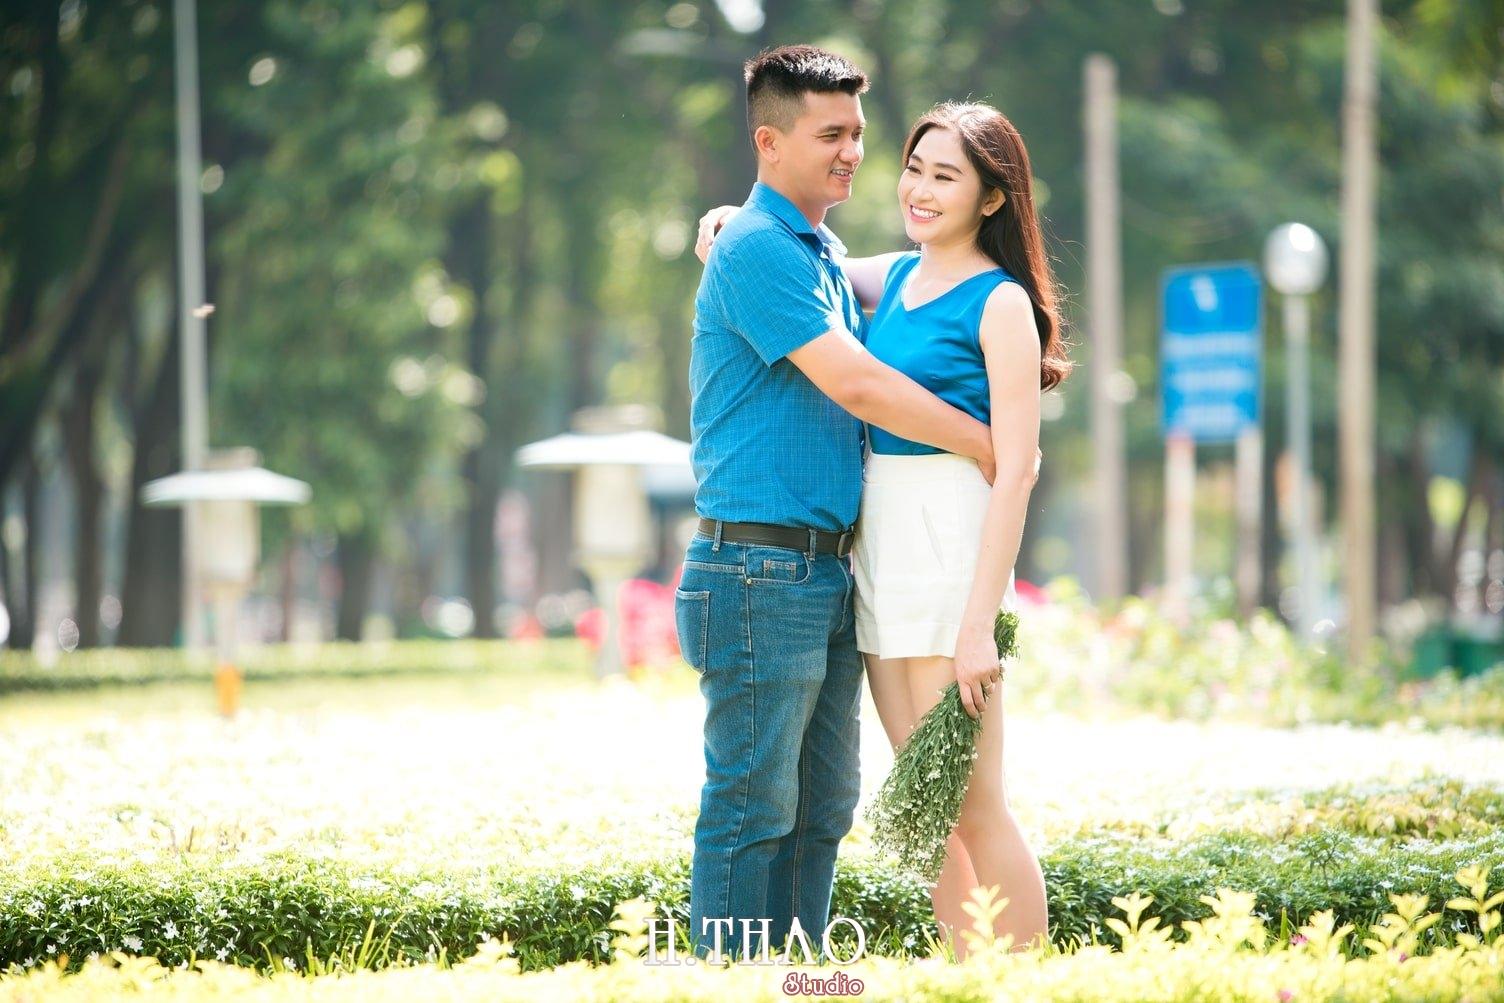 Anh Gia dinh 3 nguoi 13 - Bộ ảnh gia đình 3 người chụp ngoại cảnh đẹp tự nhiên - HThao Studio